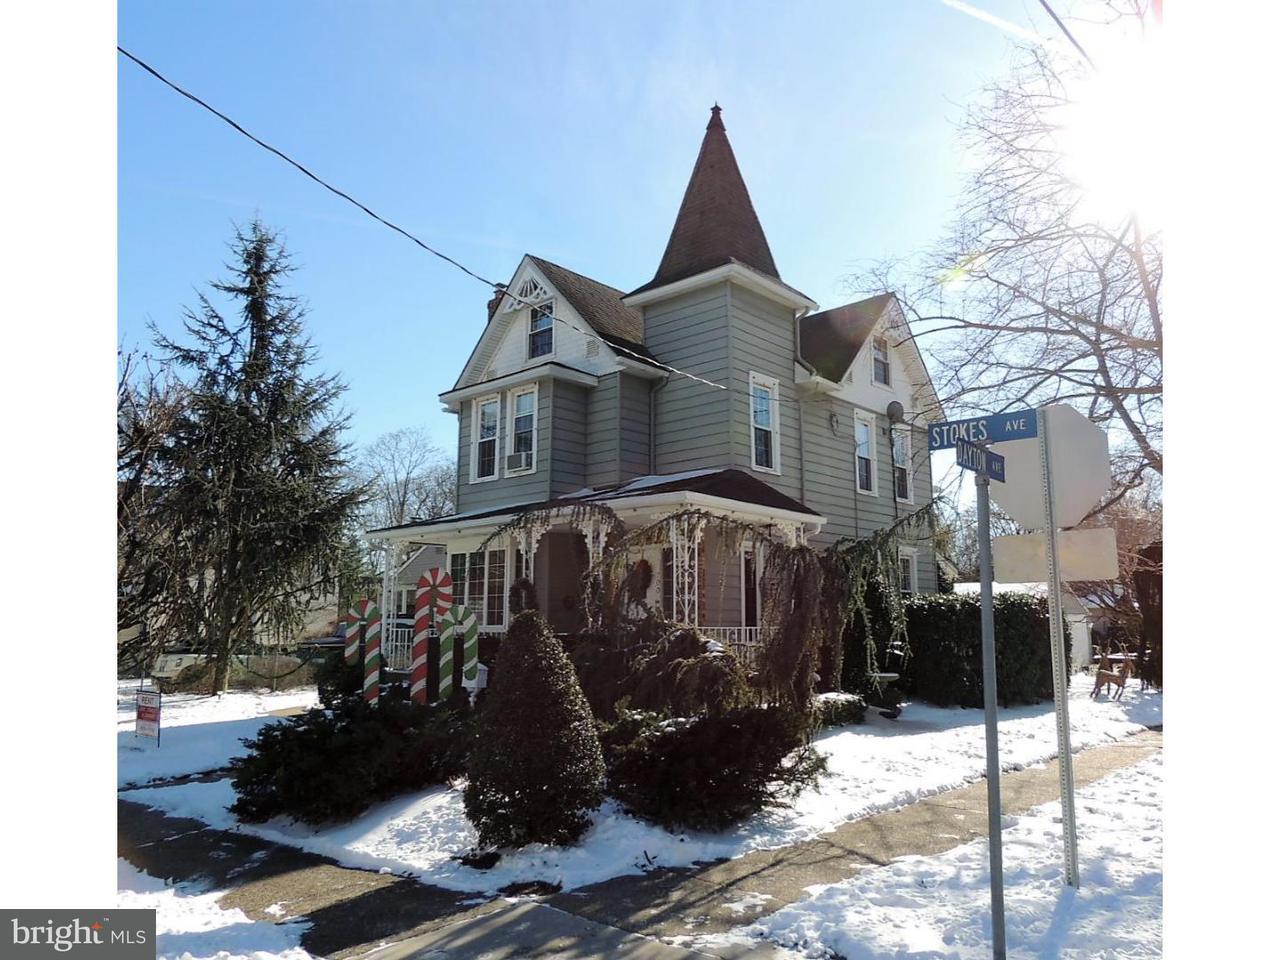 Casa unifamiliar adosada (Townhouse) por un Alquiler en 700 STOKES Avenue Collingswood, Nueva Jersey 08108 Estados Unidos